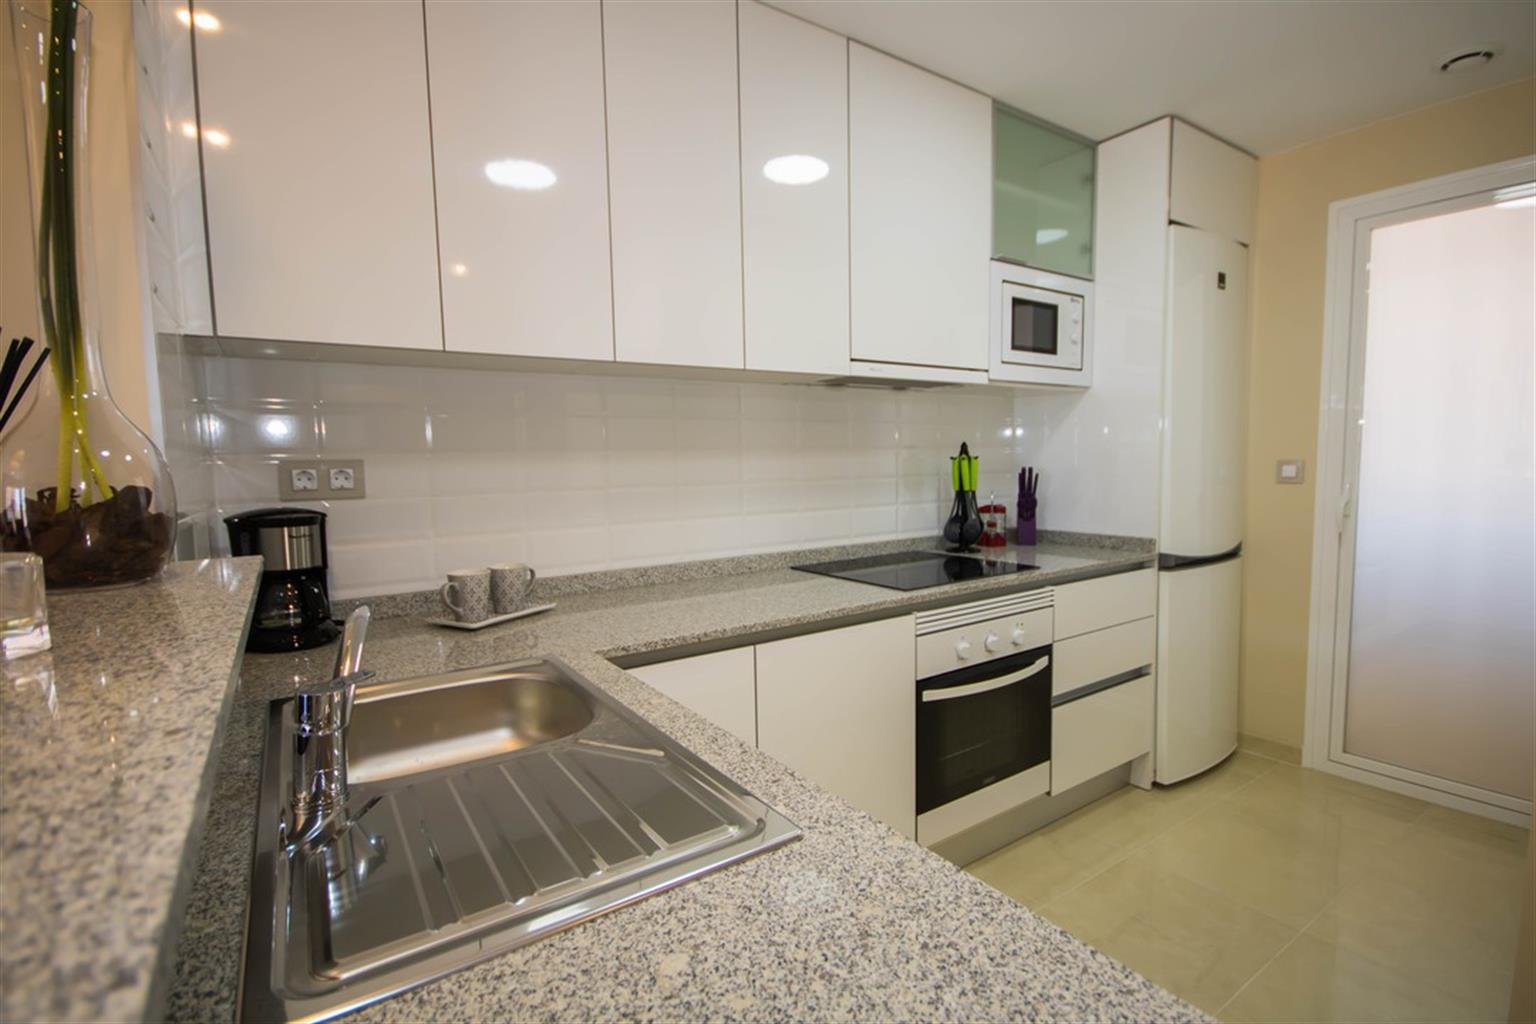 Appartement - Orihuela Costa - #4228409-15